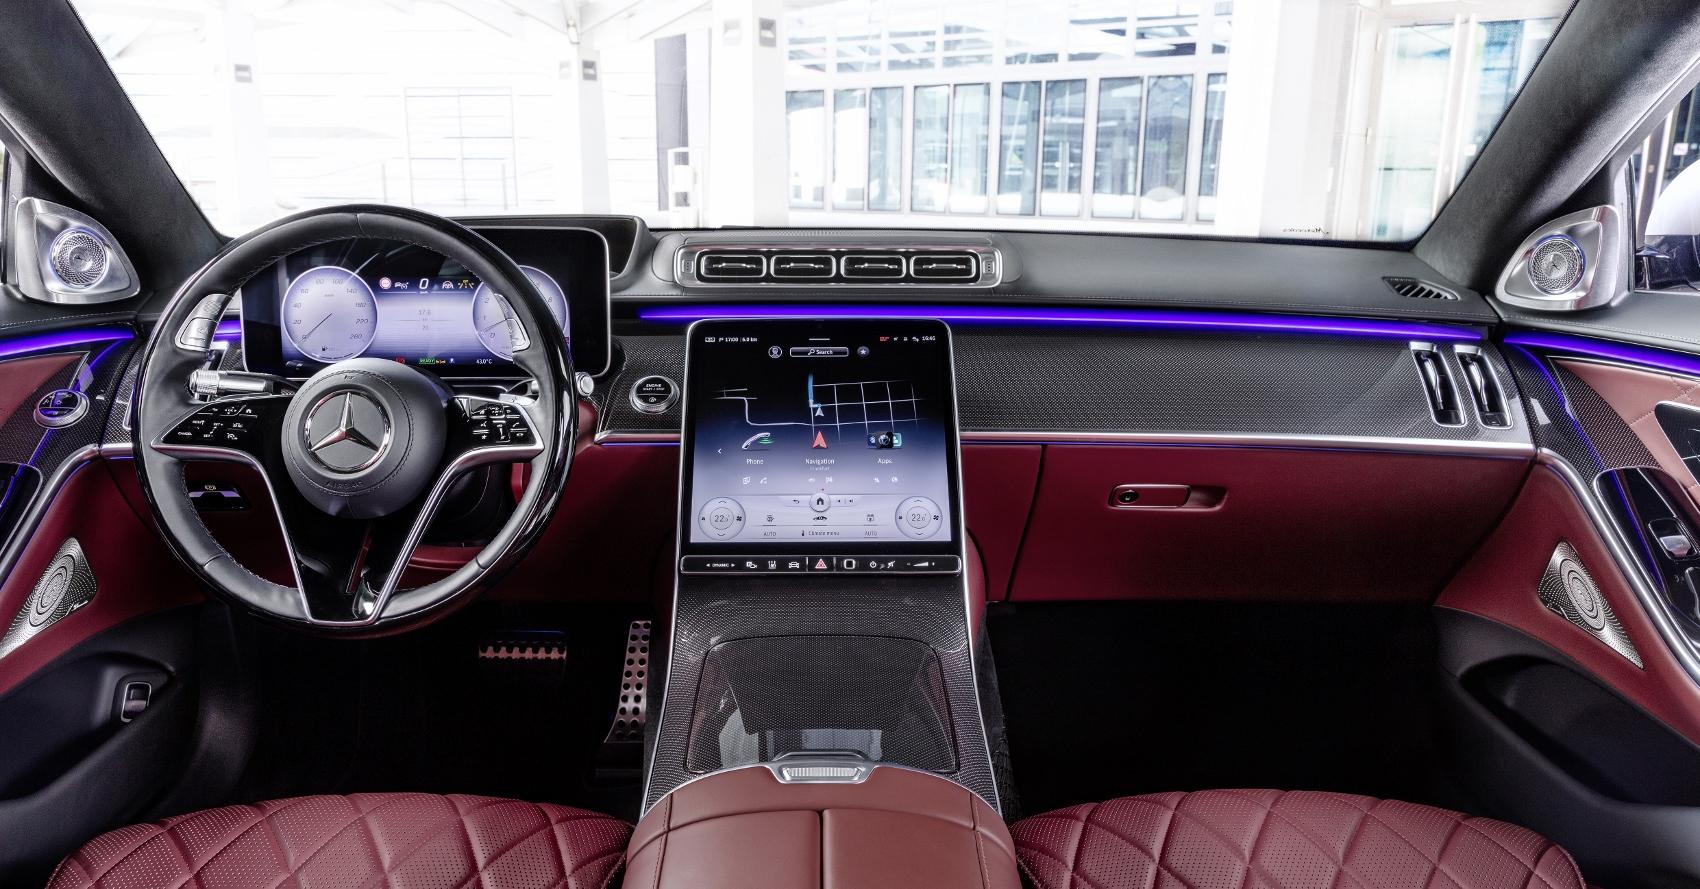 Nový Mercedes S je najpokročilejším Mercedesom v histórii IkYlmoVWc7 20c0359104-1700x889